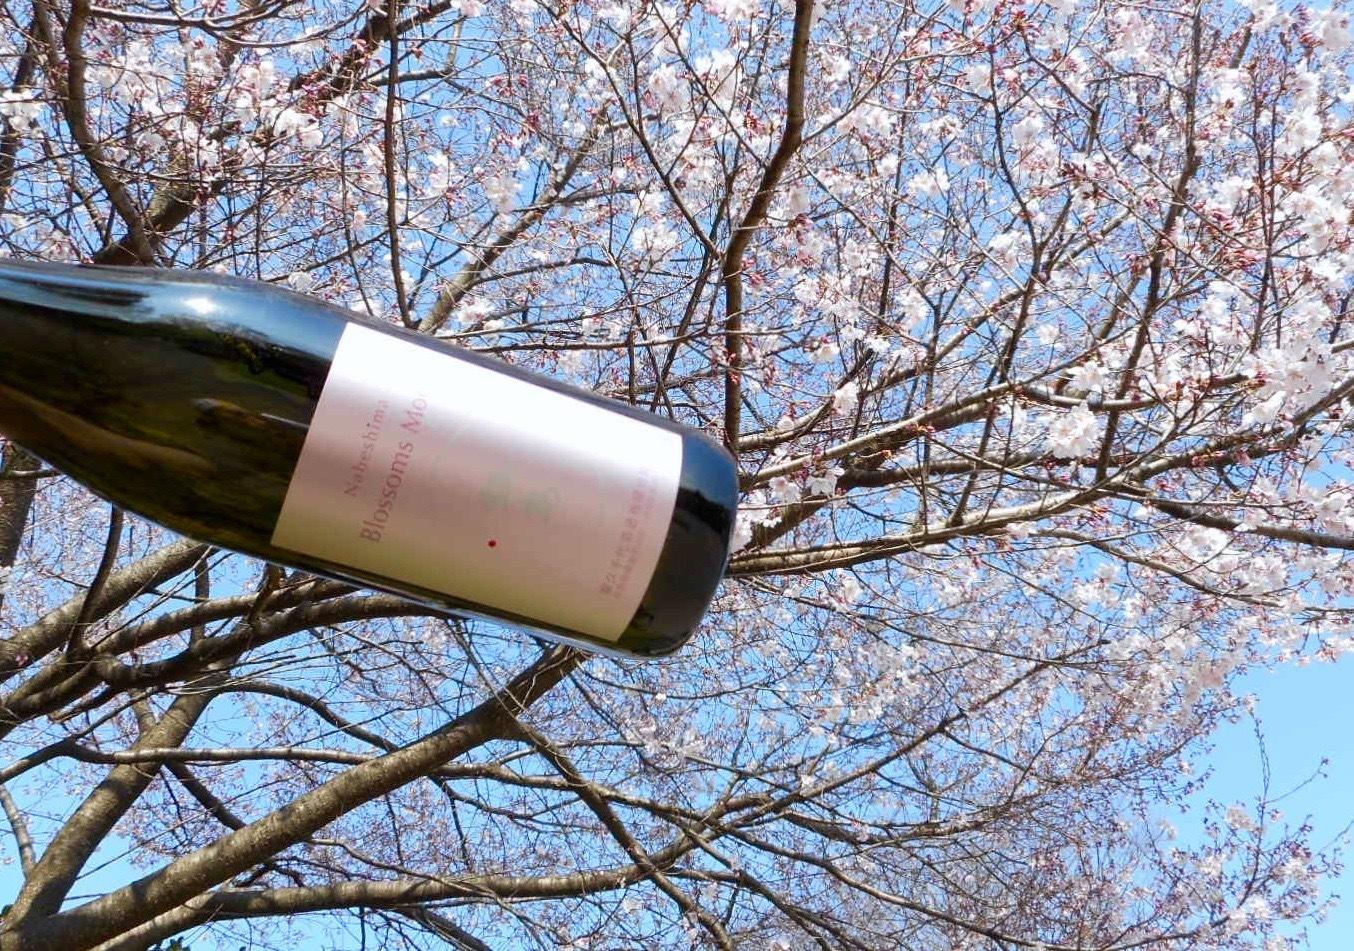 nabeshima_blossom28by1.jpg